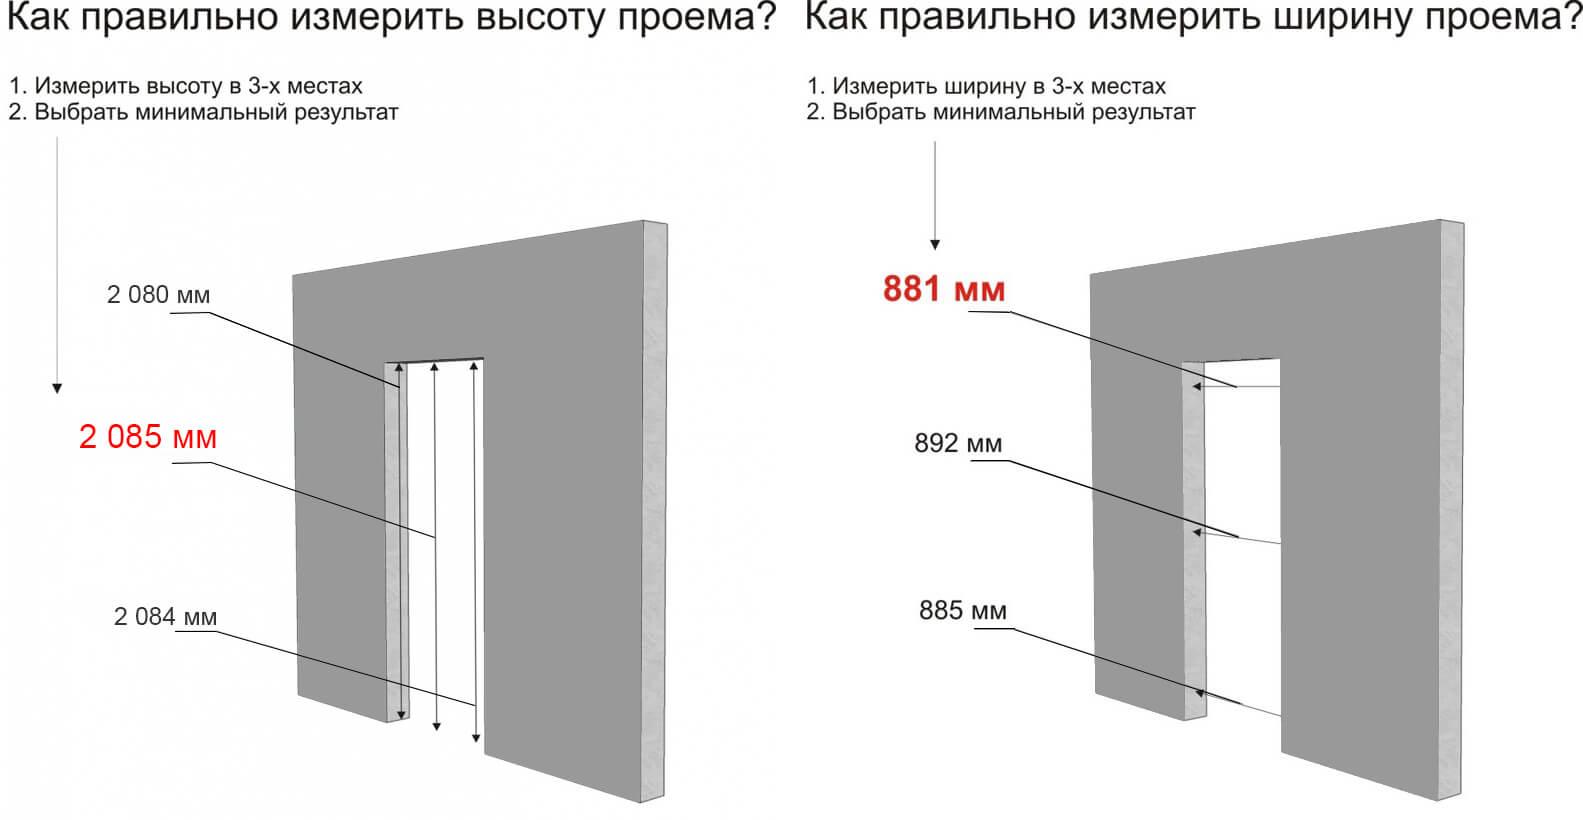 Обмер проемов дверных межкомнатных